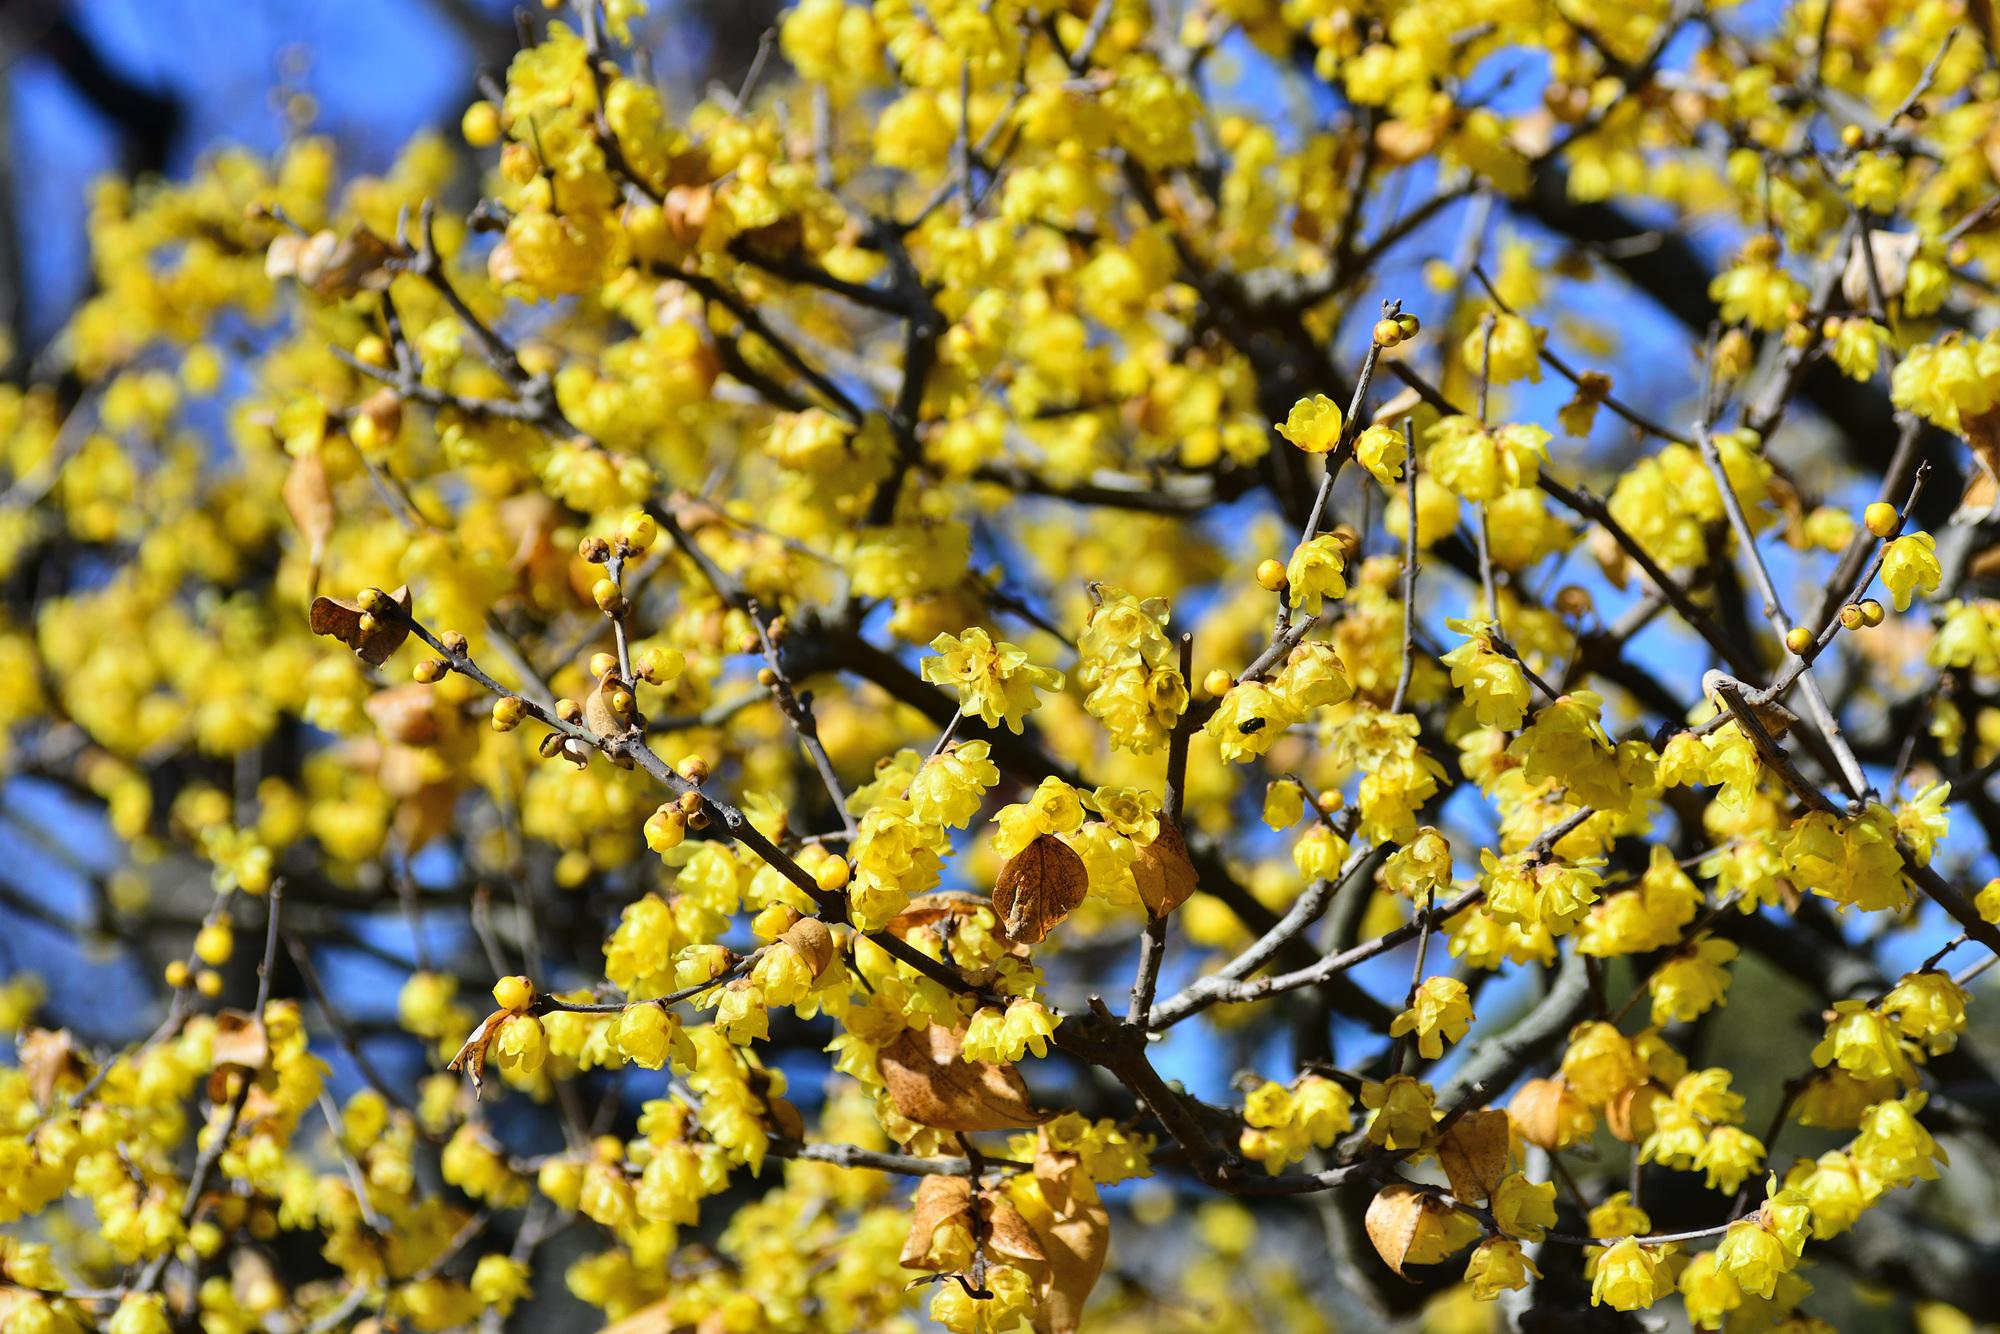 蝋梅(ろうばい)は、梅よりも早く春を告げる花。黄色という色合いも、富みや豊穣を表す色として、縁起が良いものとされてきました。